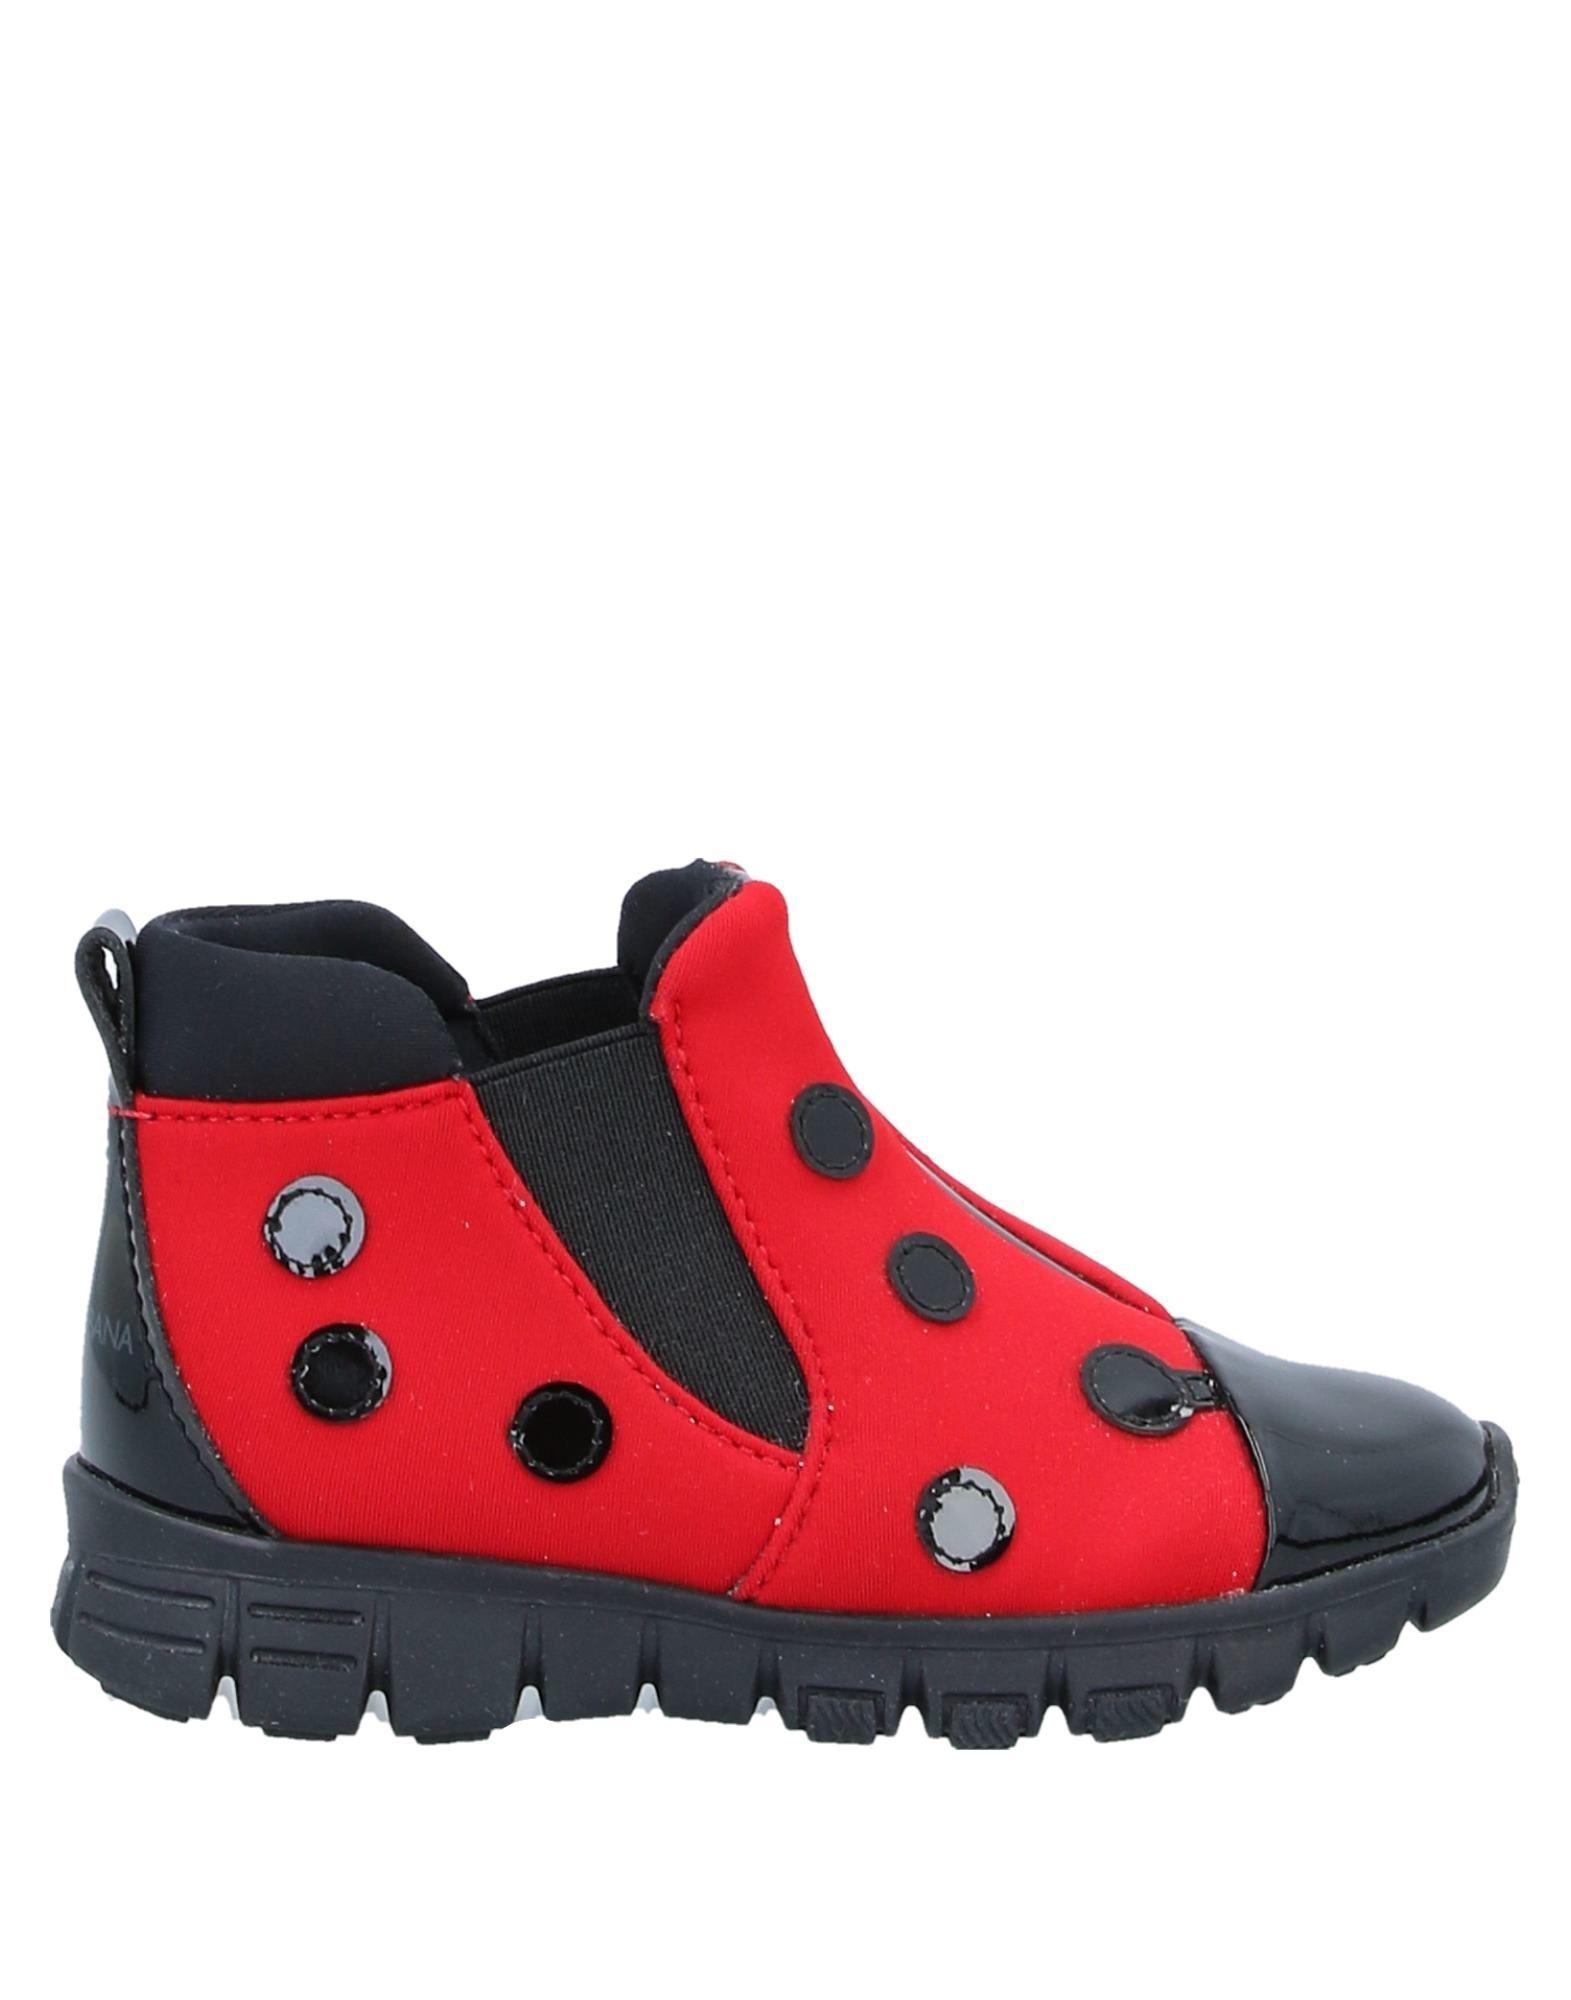 DOLCE & GABBANA | DOLCE & GABBANA Ankle Boots 11718858 | Goxip